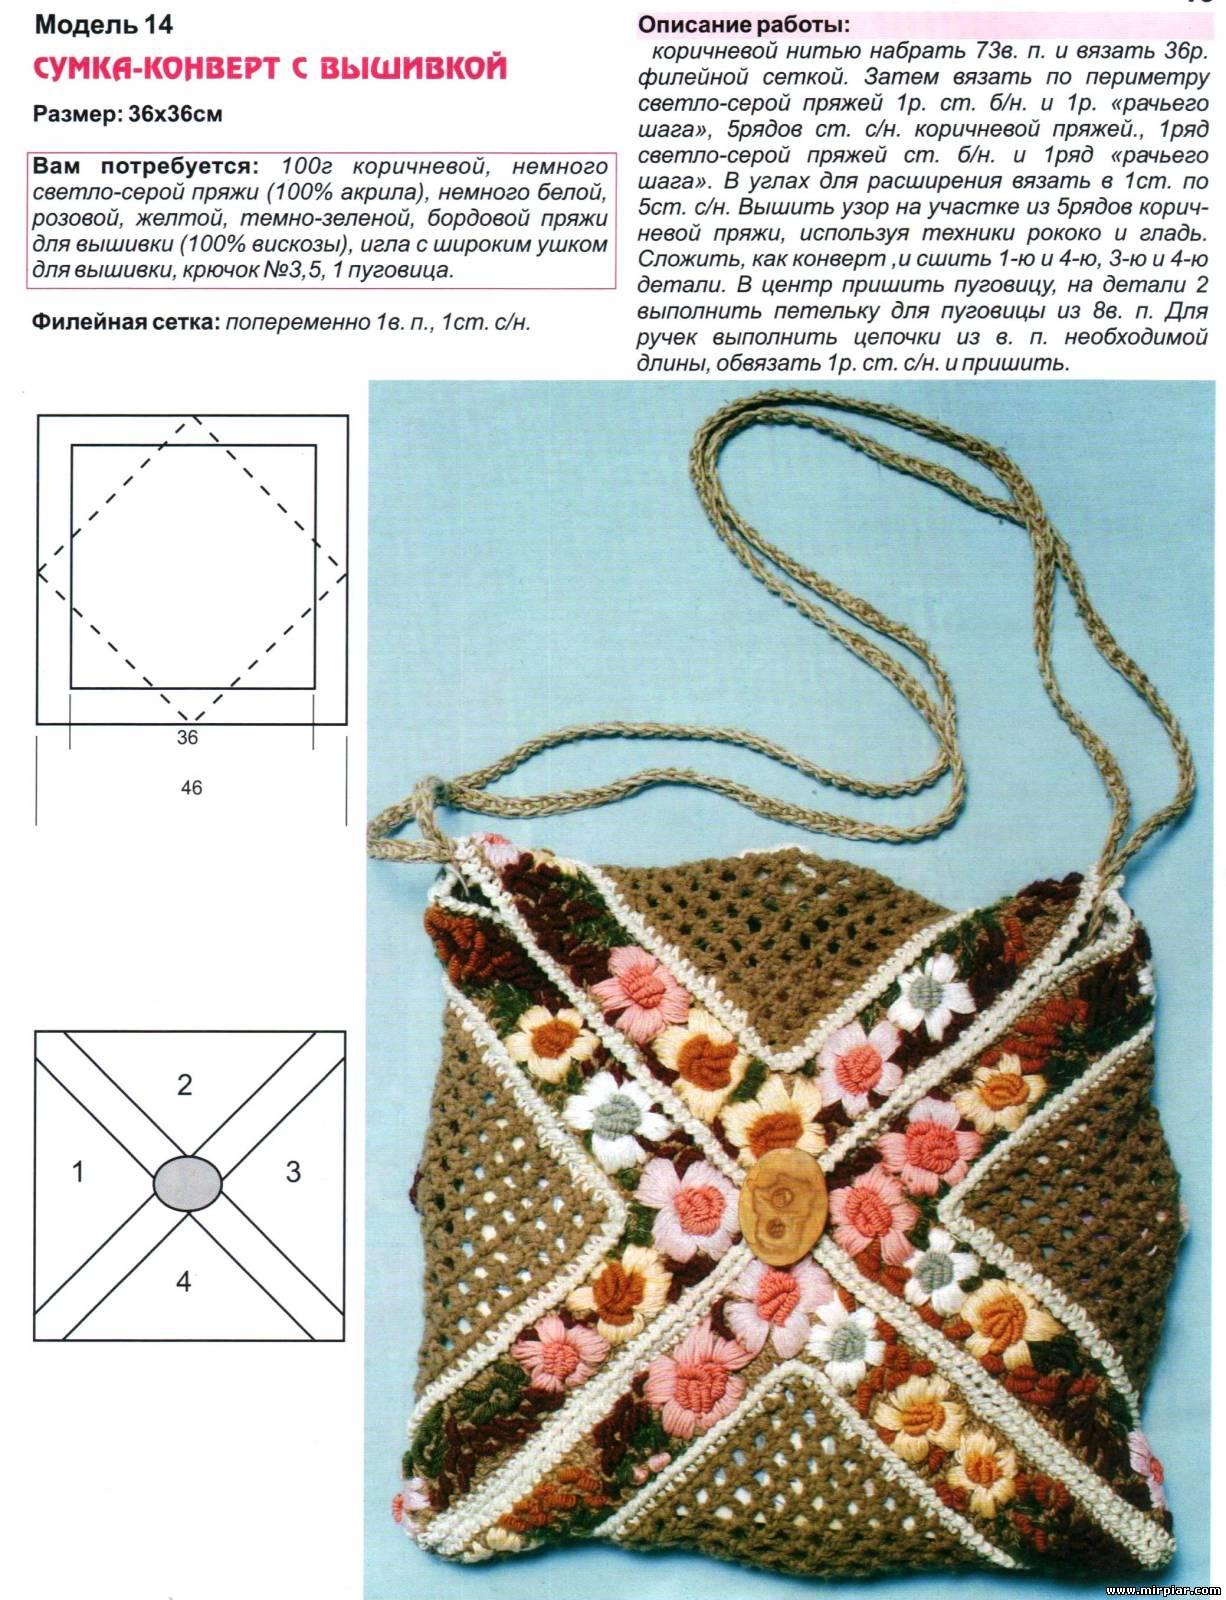 Вязание крючком модели сумочек 25